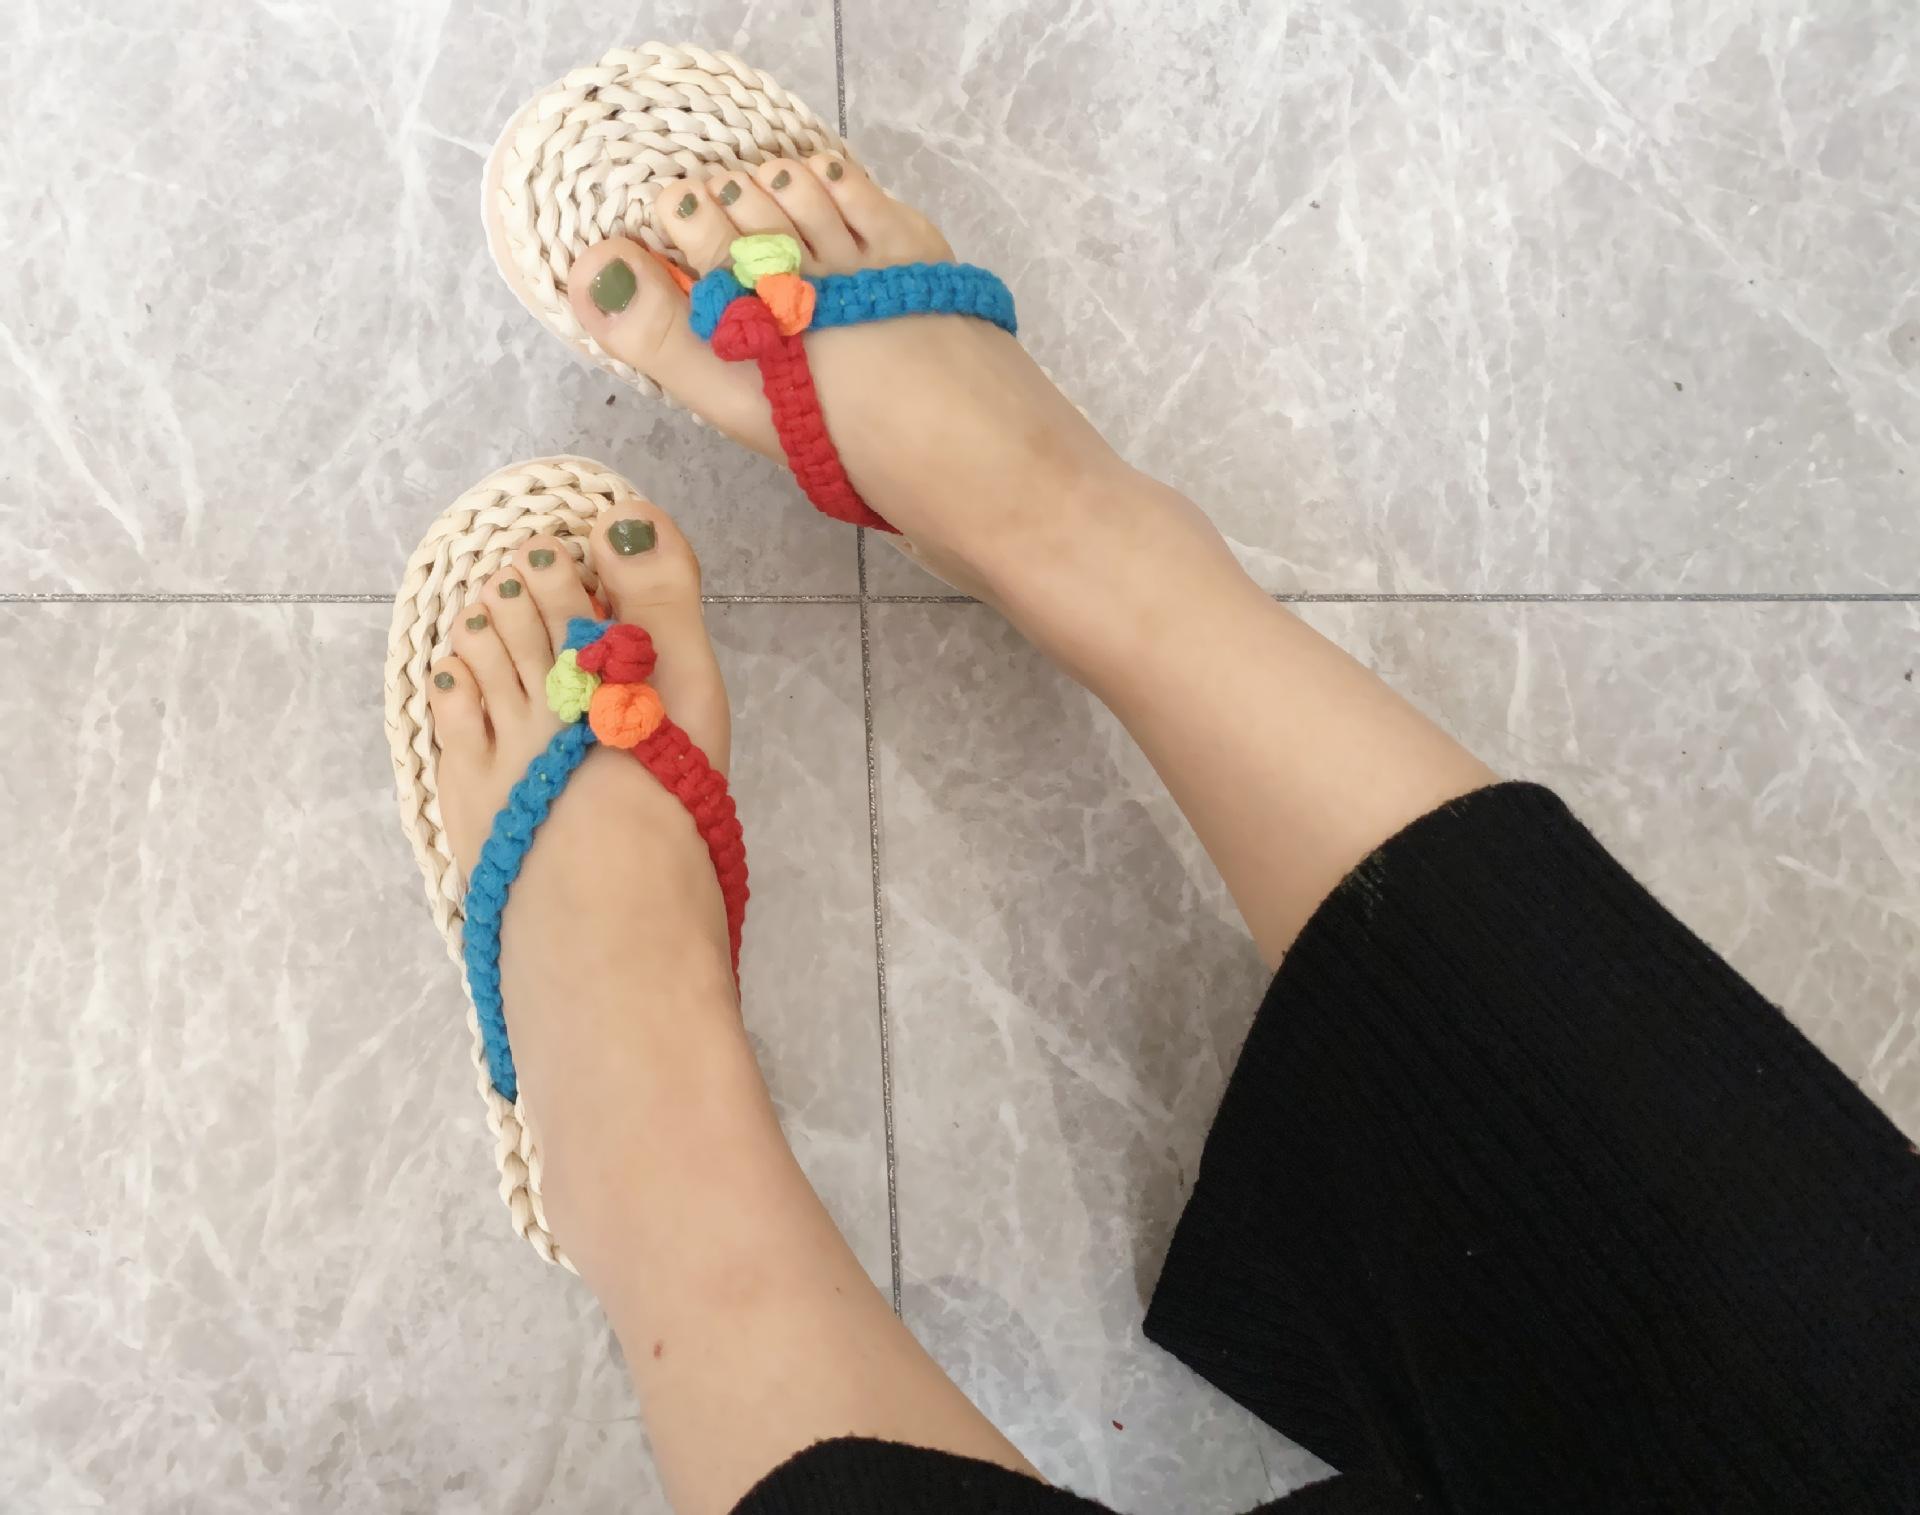 ins风泰国芭提雅草鞋玉米皮拖鞋女士彩色棉绳人字拖休闲鞋居家鞋